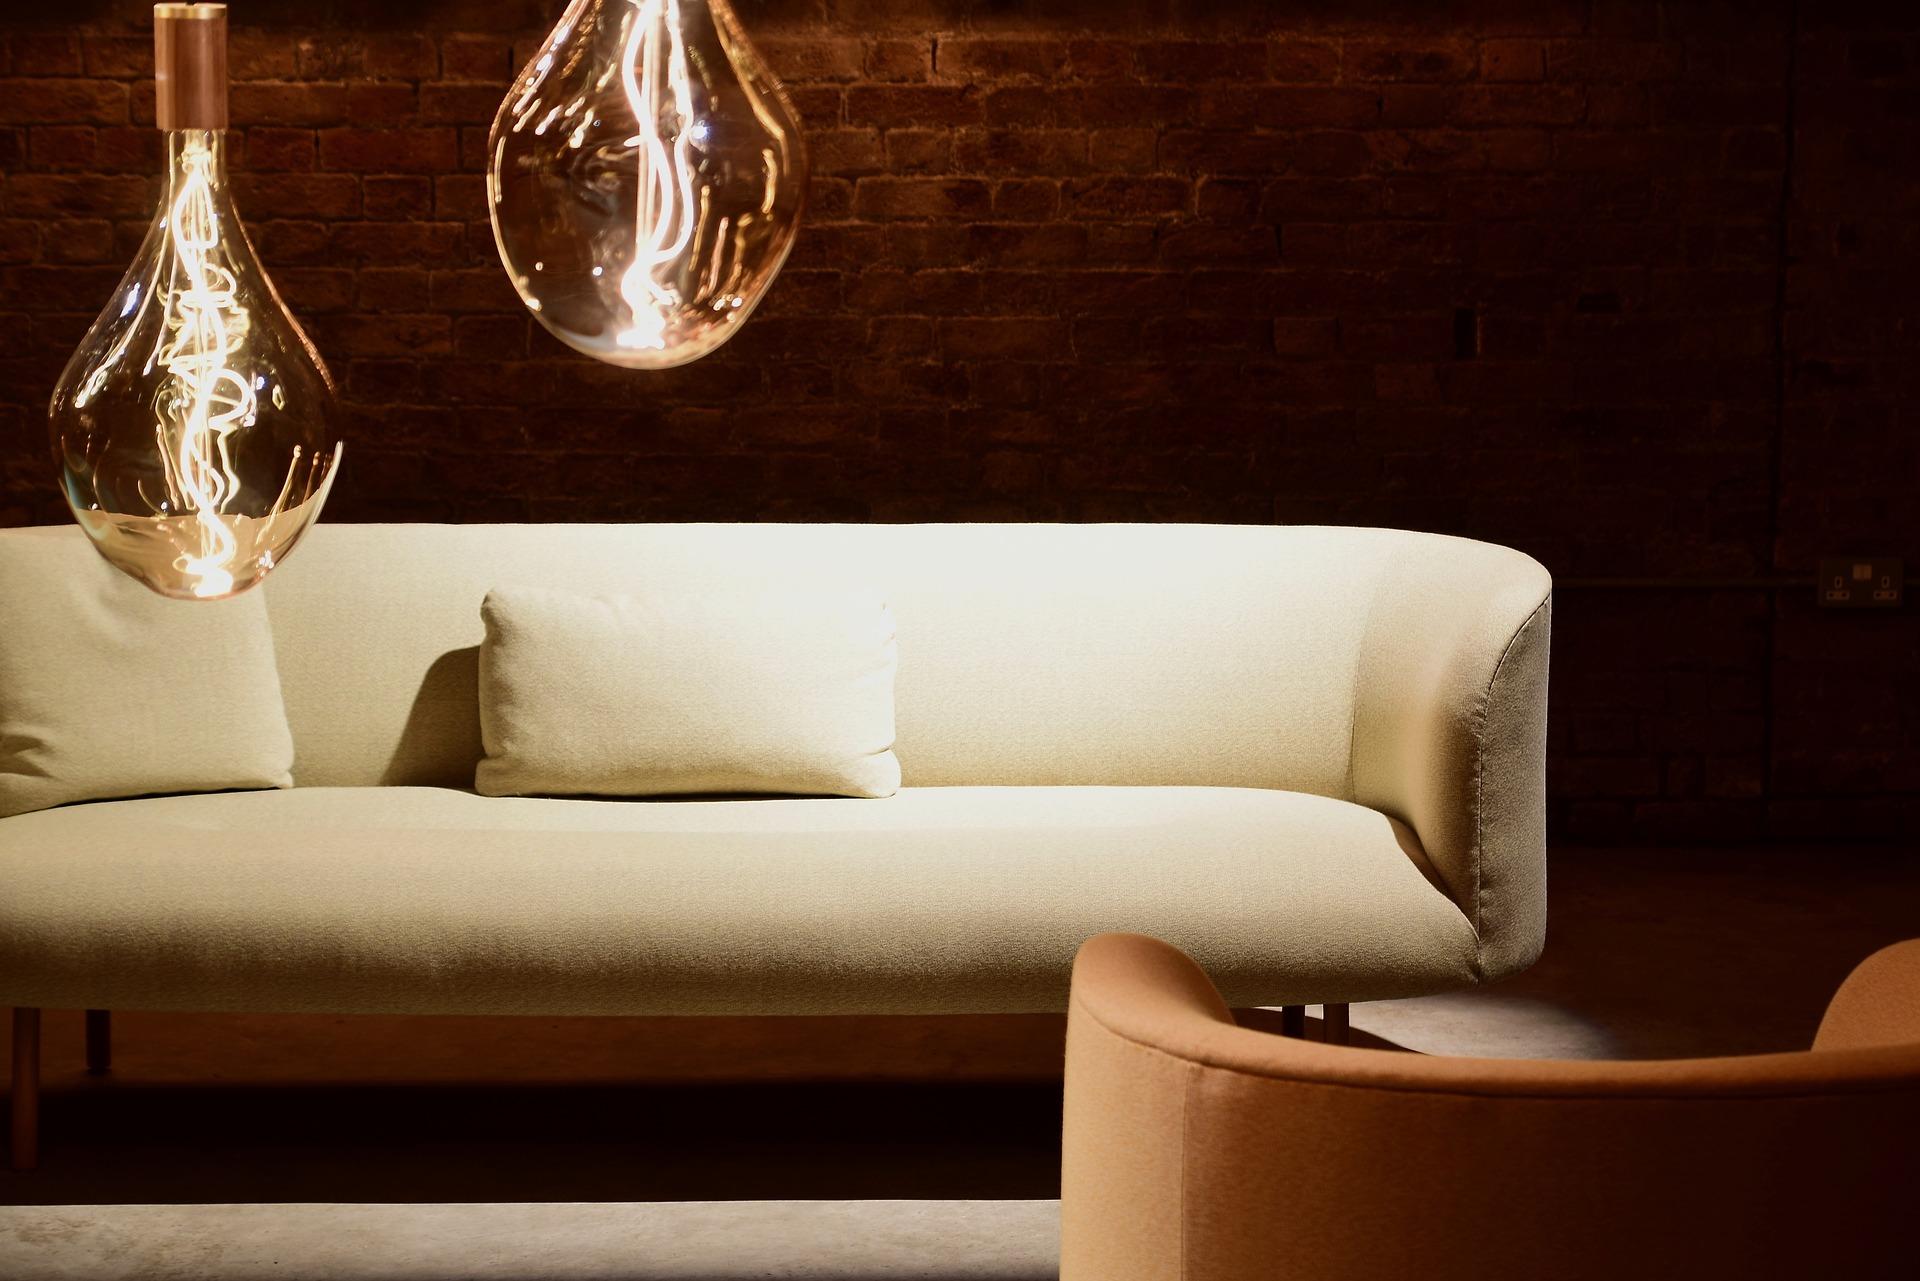 divani in pelle o tessuto come scegliere